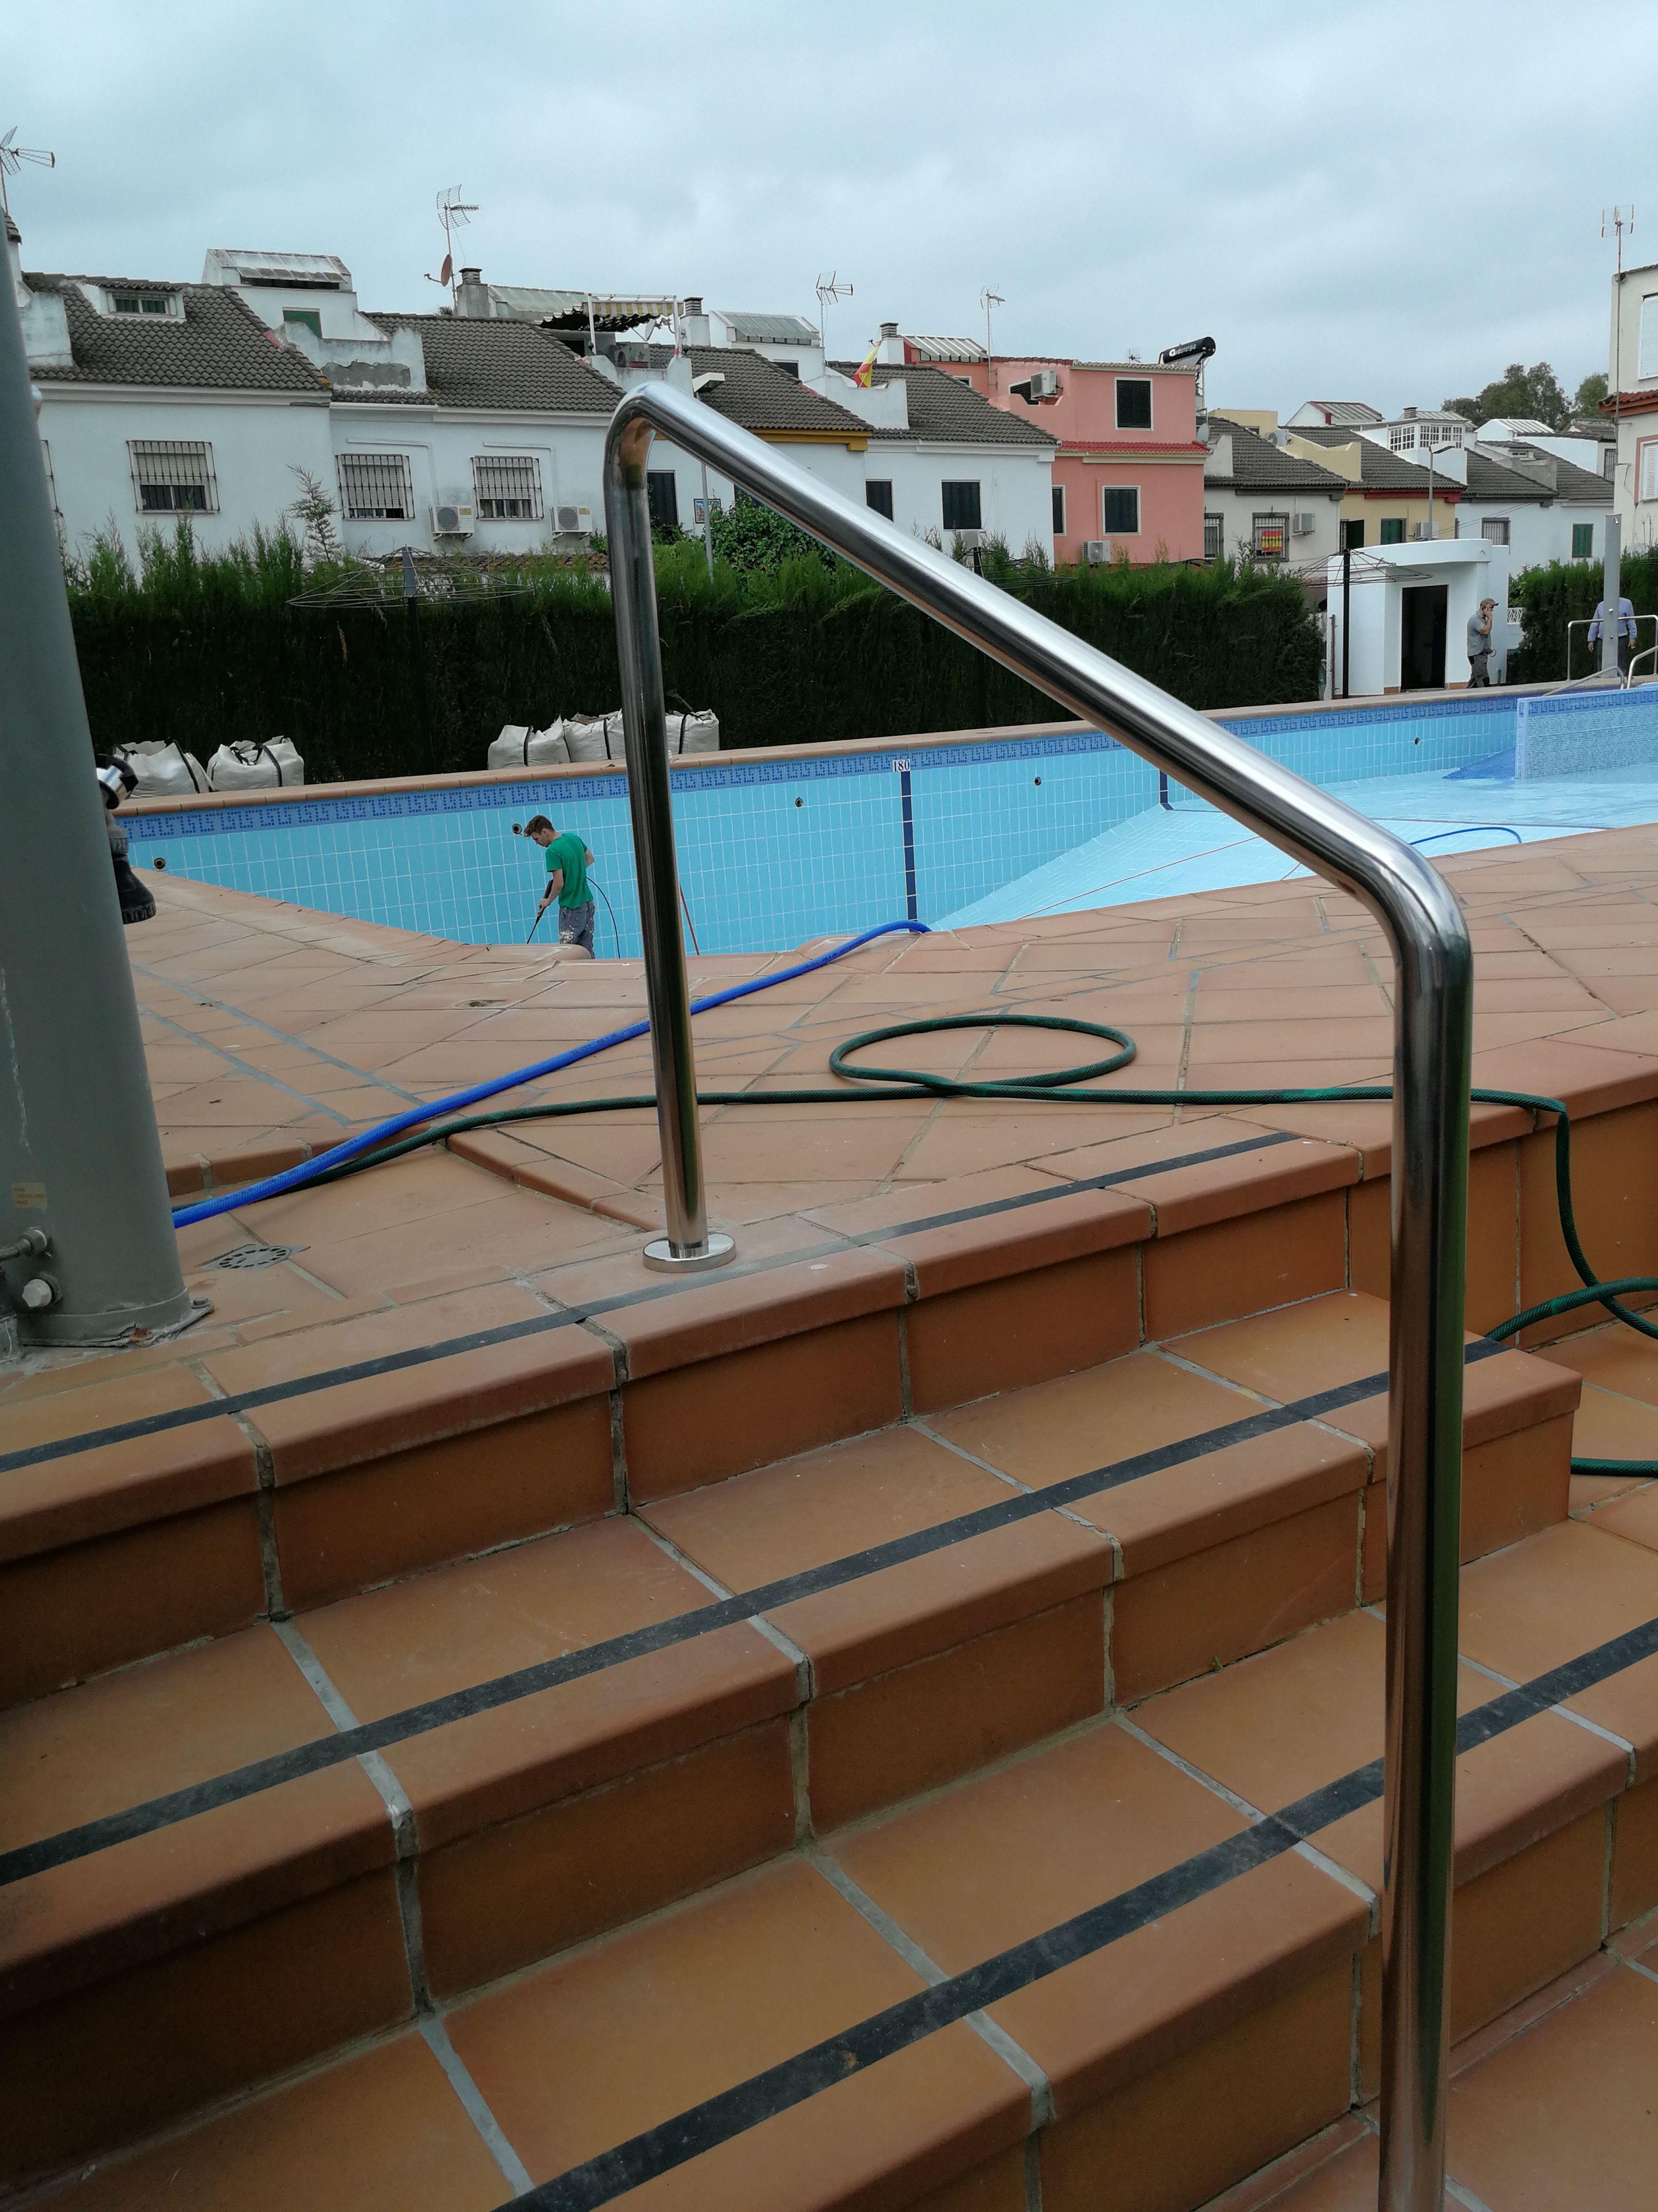 Foto 148 de Especialistas en diseños y proyectos en acero inoxidable en Alcalá de Guadaíra | Icminox